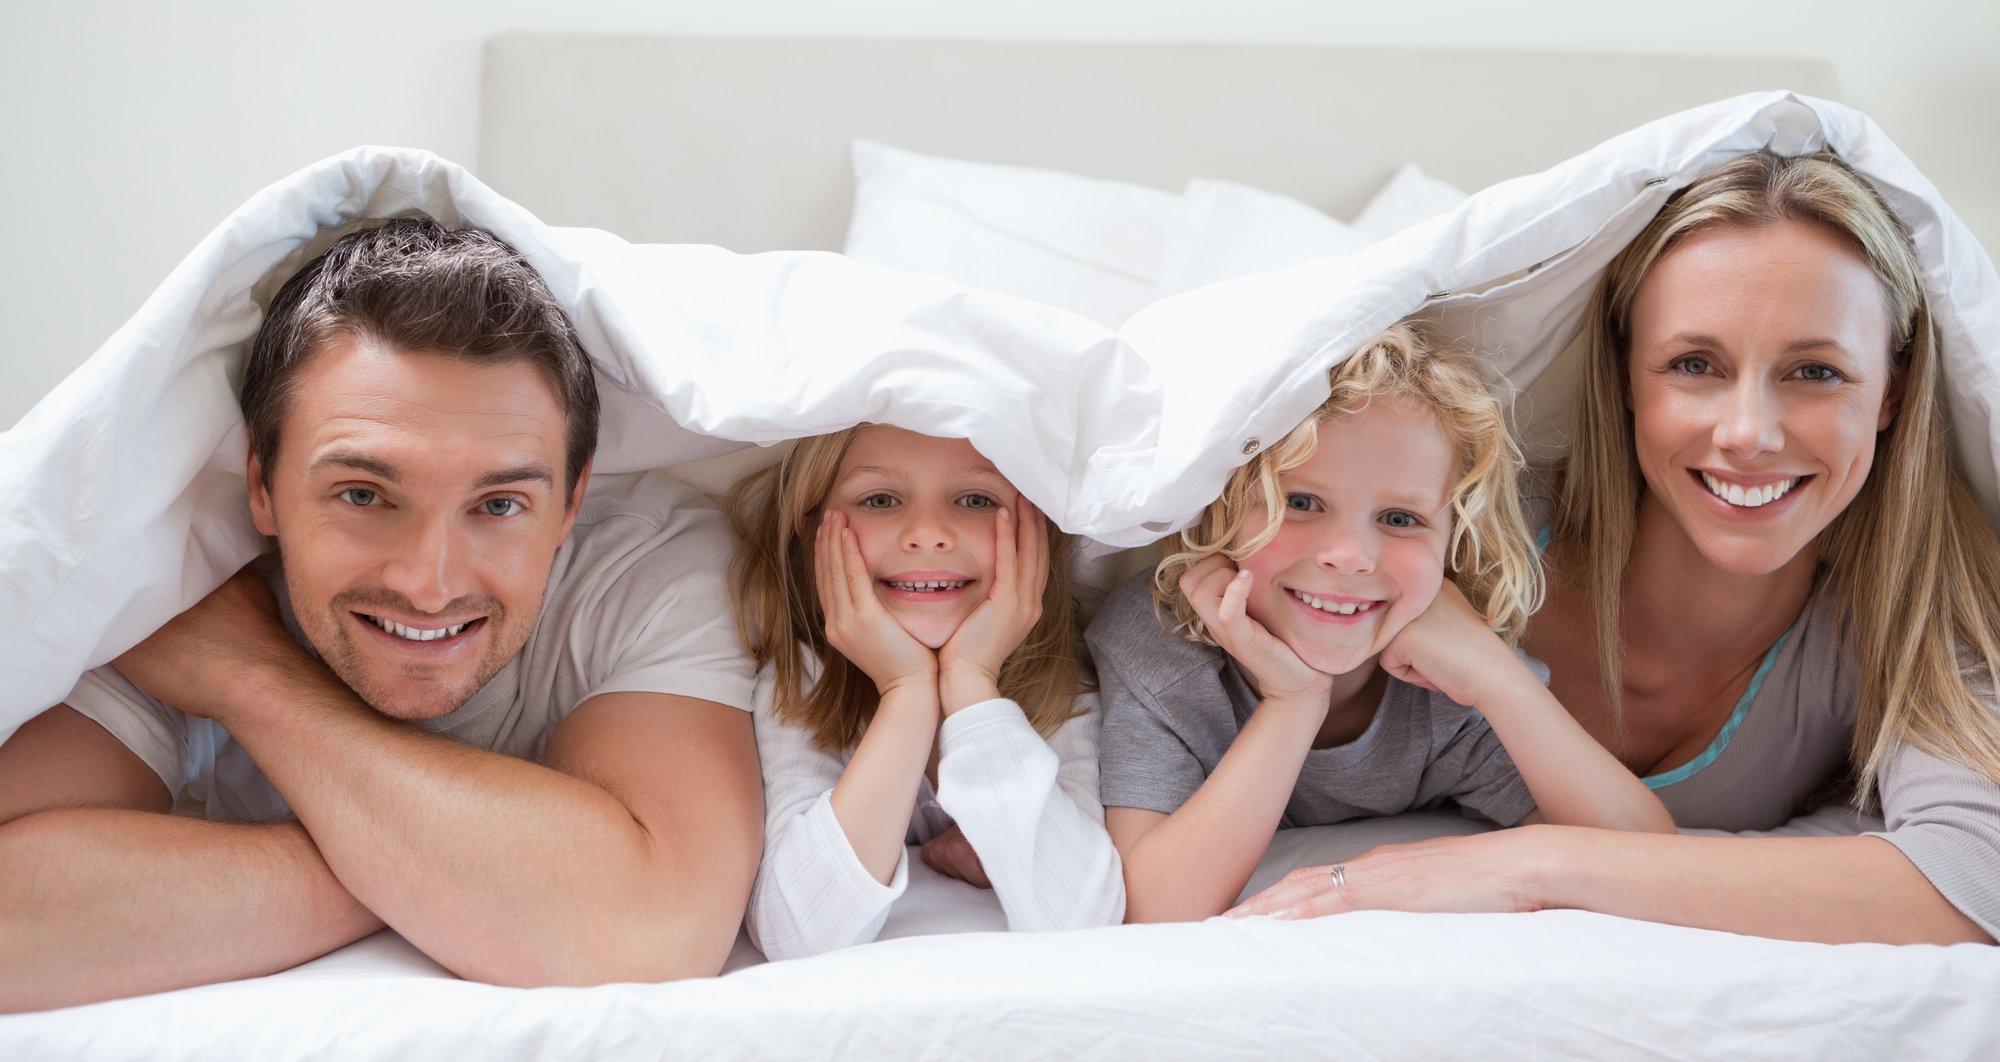 depositphotos 11211723 l 2015.jpg?resize=648,365 - Ce lit de taille gigantesque est parfait pour accueillir toute la famille... ou une équipe de foot!